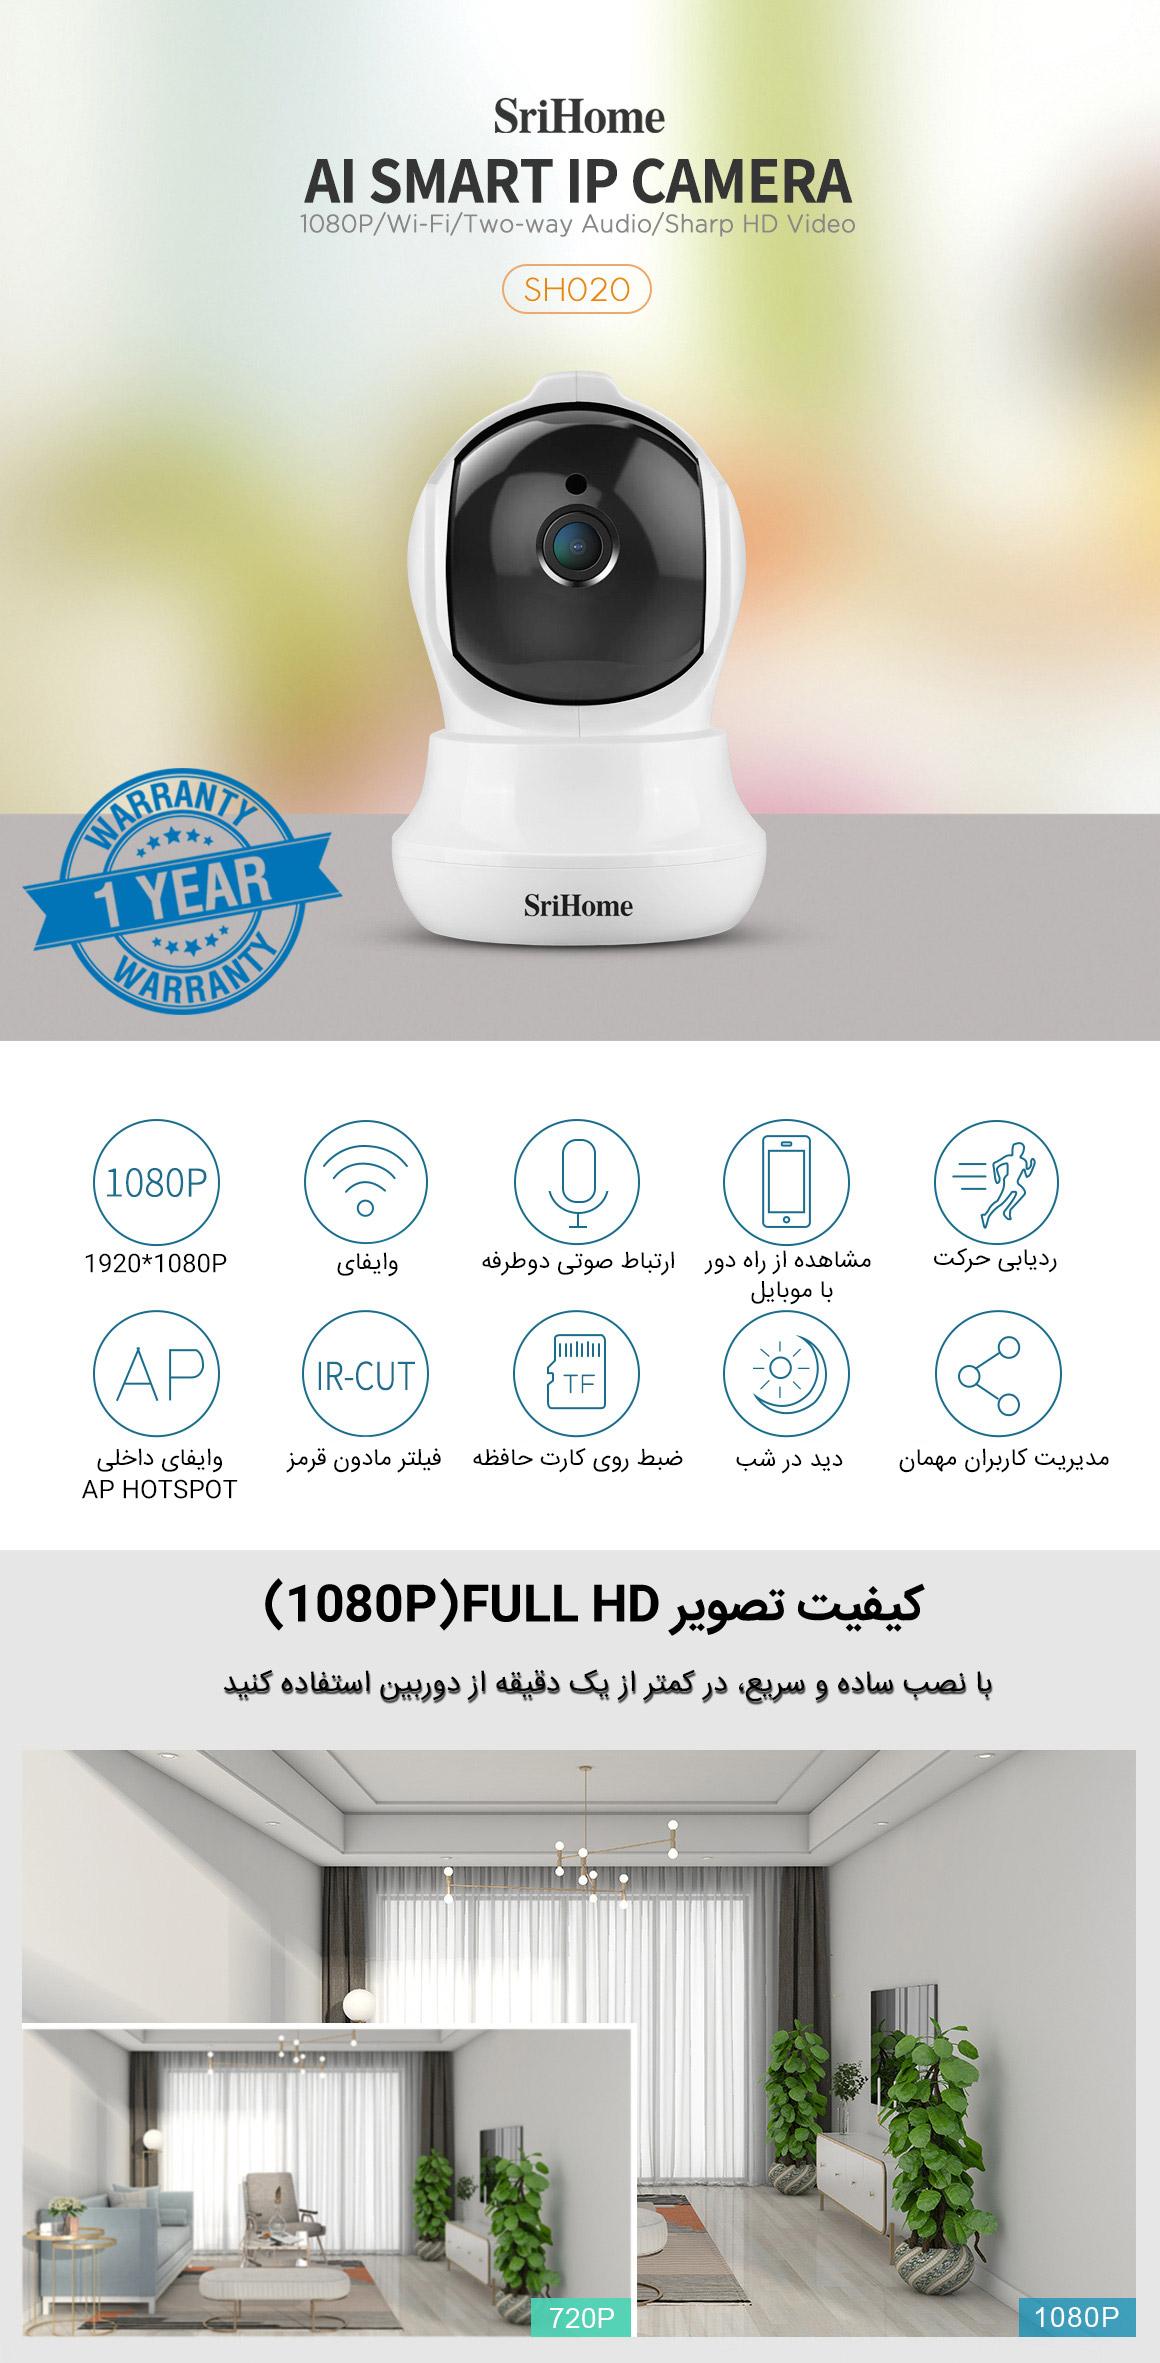 مشخصات فنی دوربین مداربسته وایرلس SH020